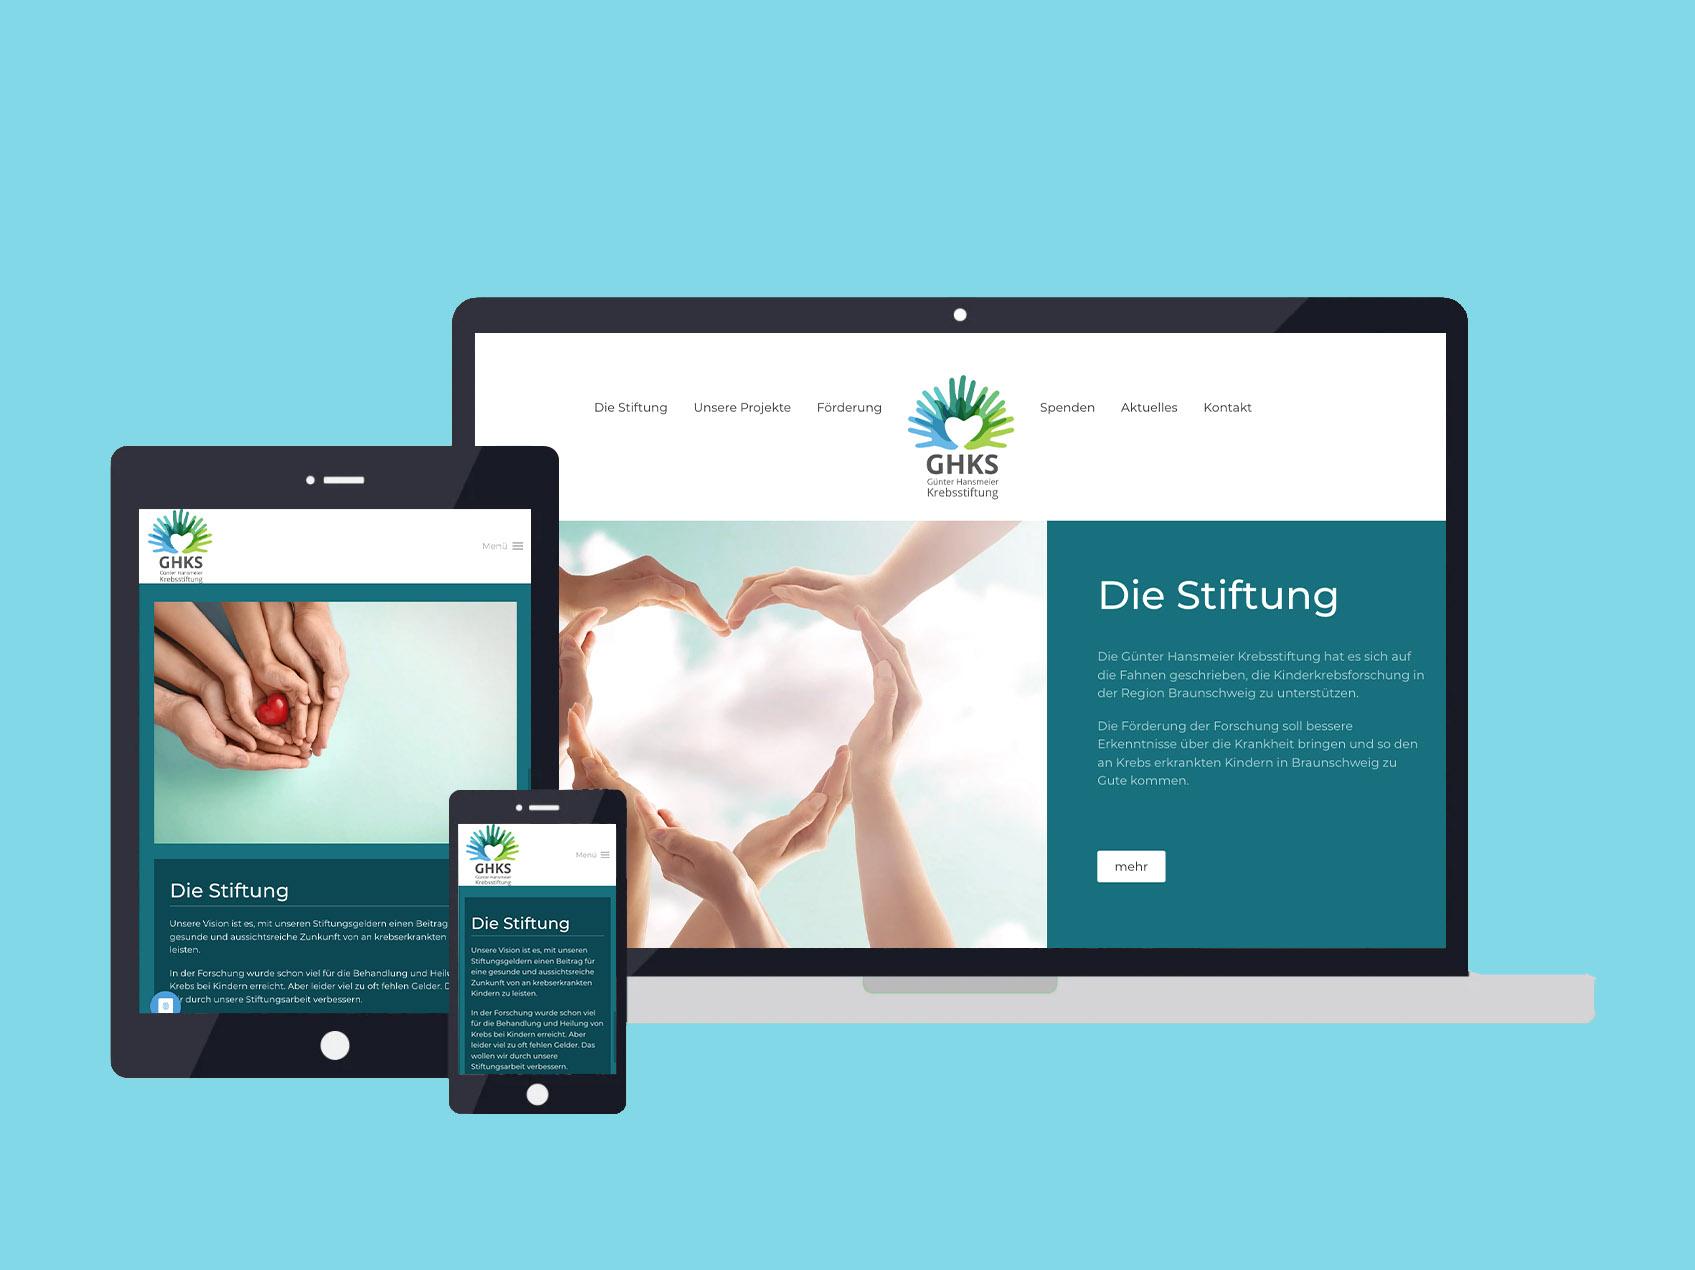 Webseite_GHKS.jpg – abraXXas - Inh. Angela Kühne